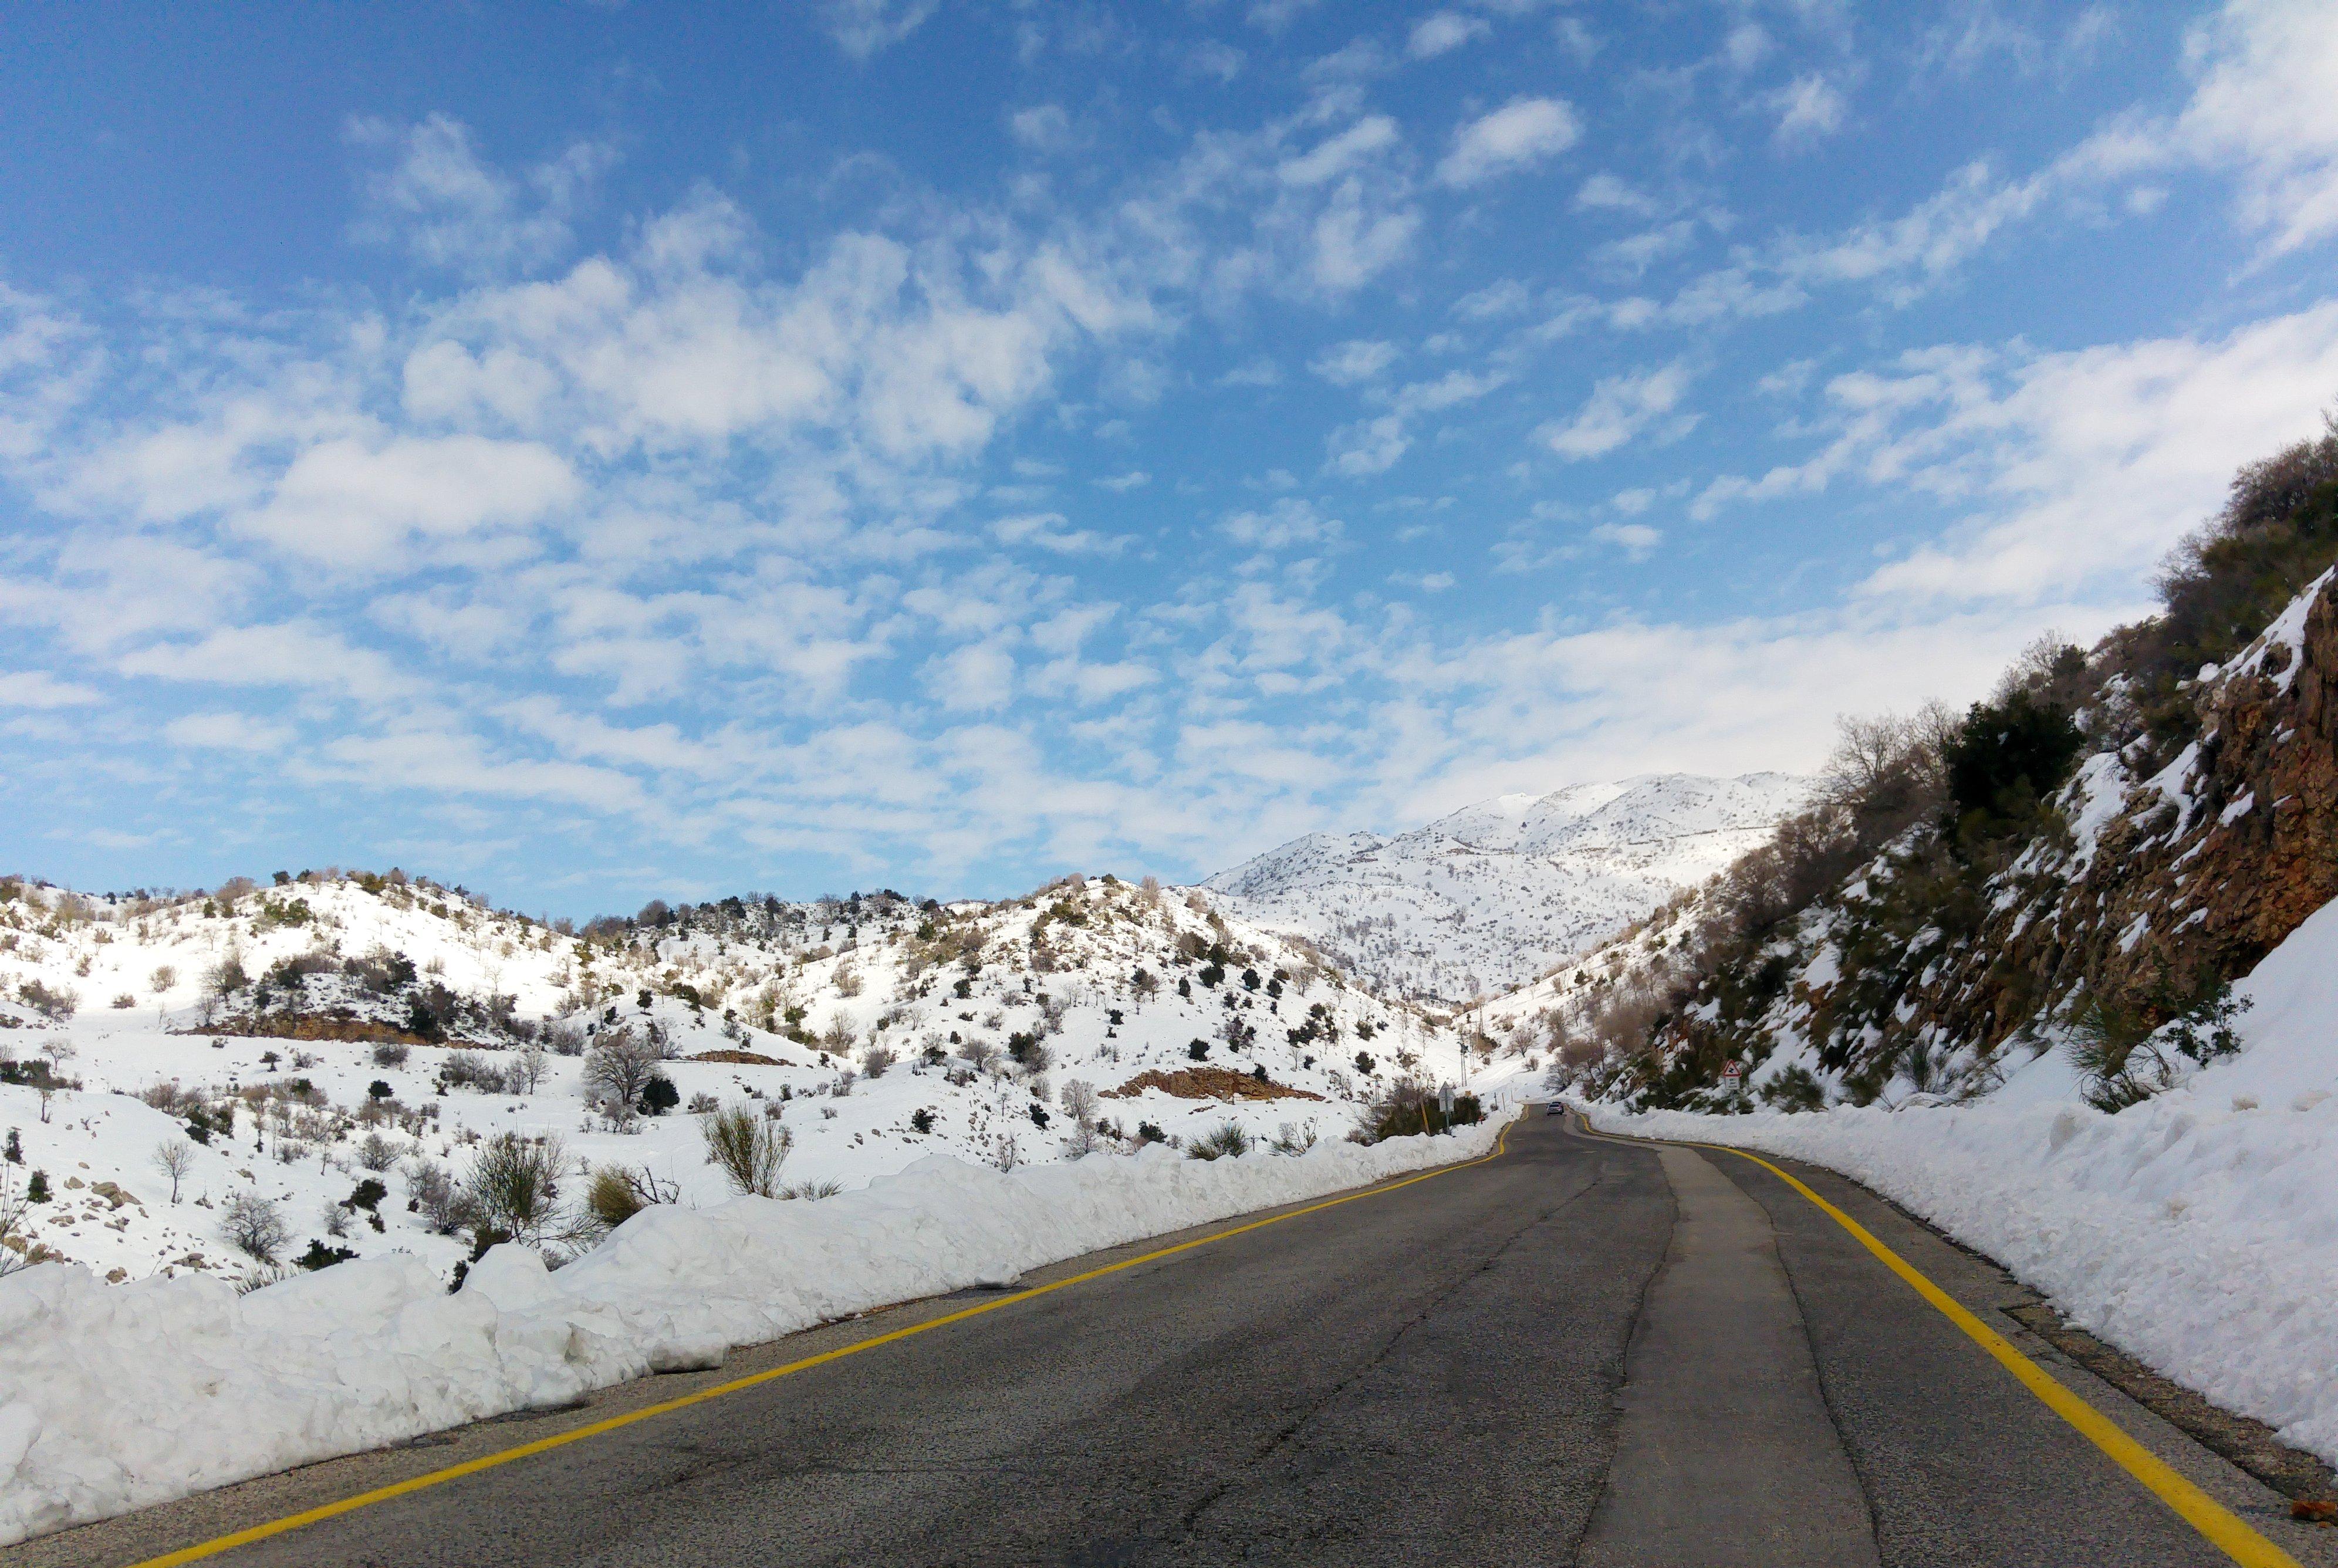 Approaching the snowy peak